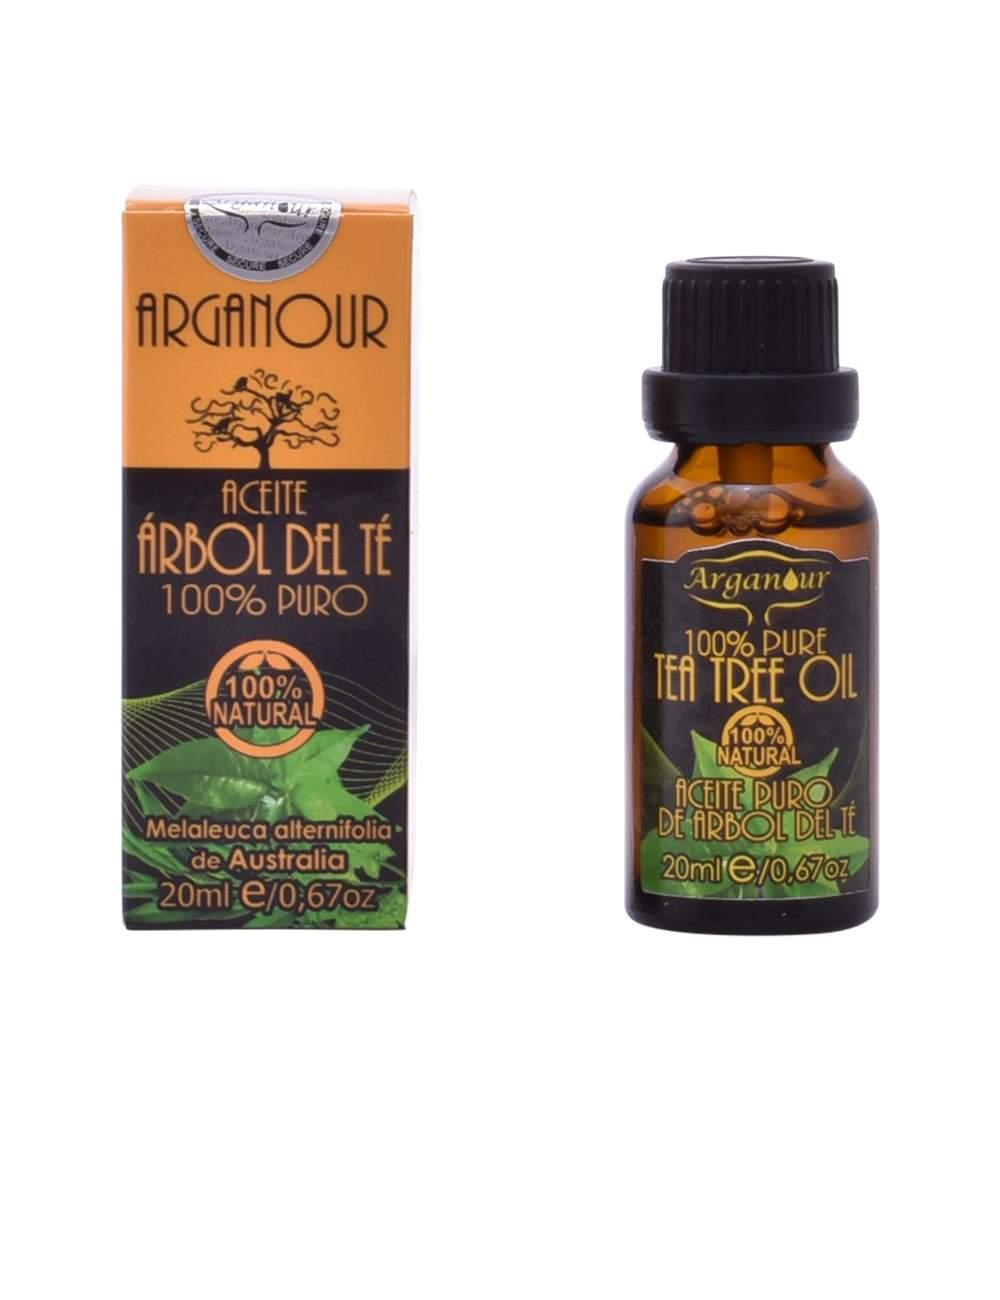 Aceite del Árbol del Té Puro. Arganour